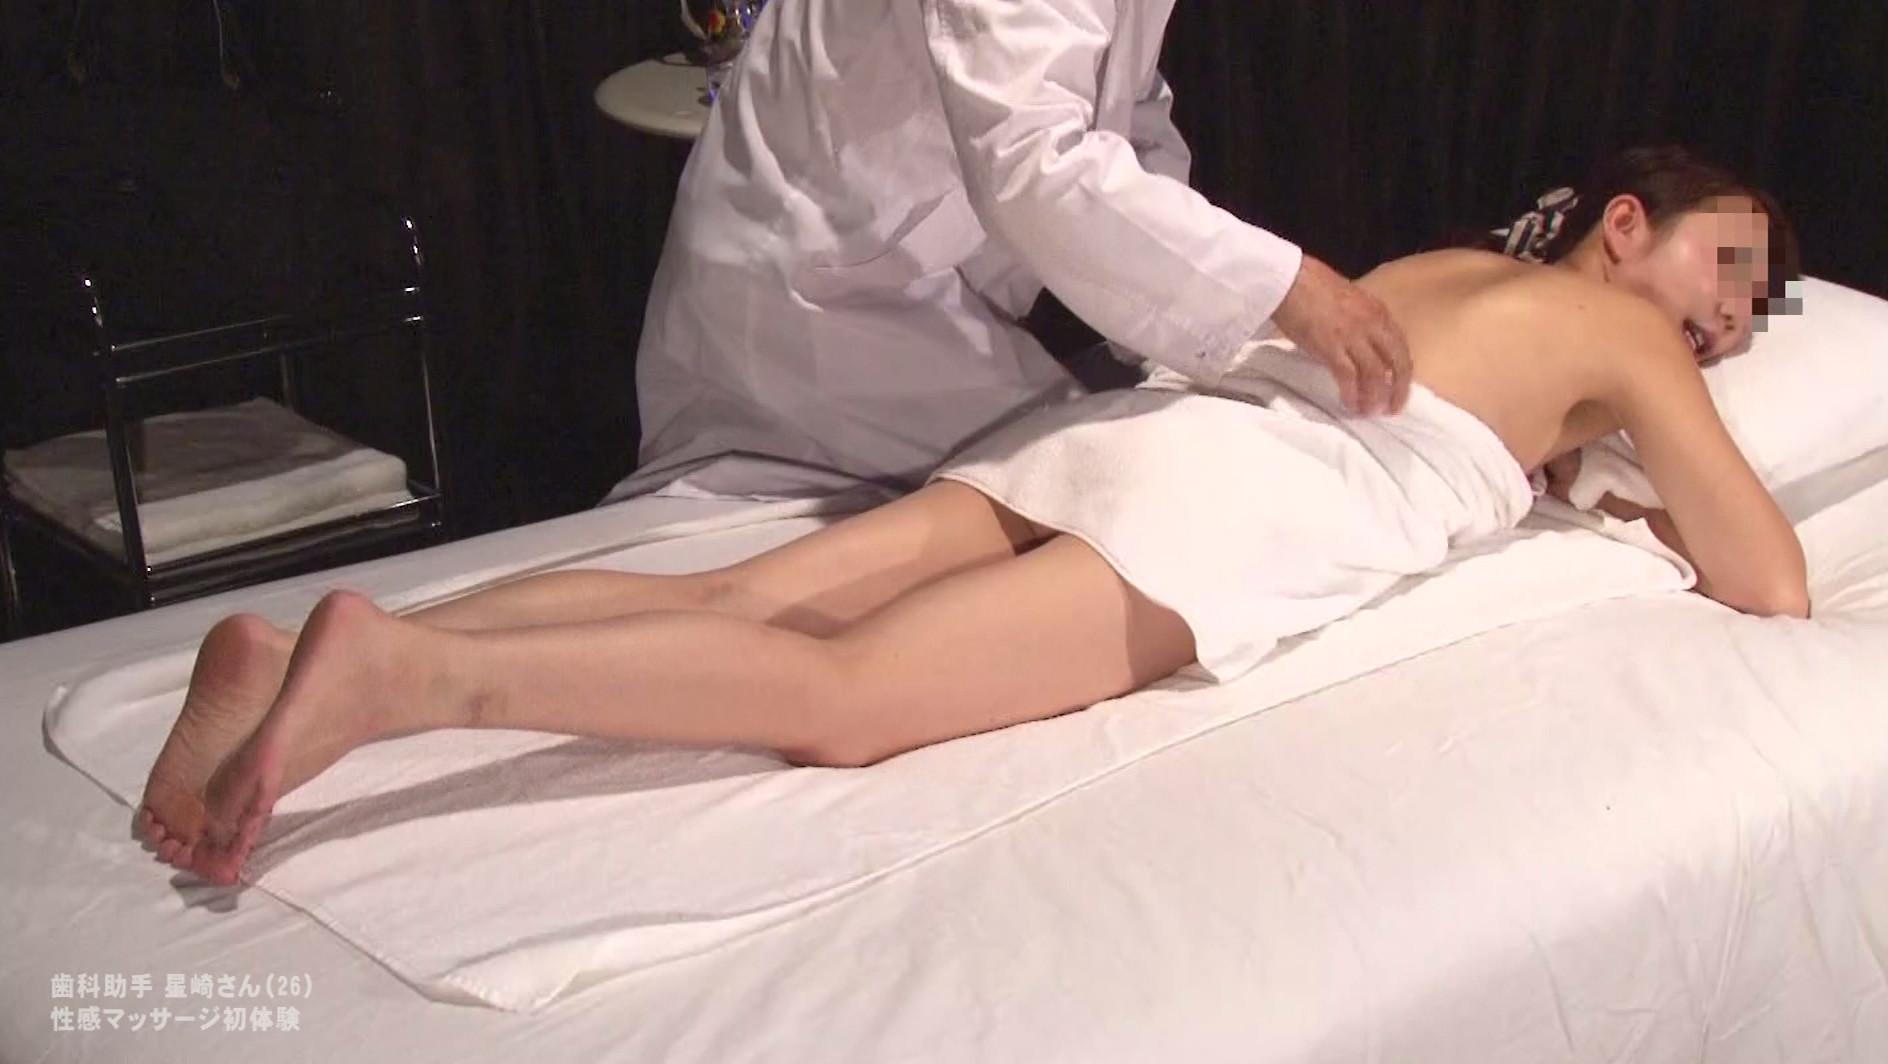 かわいい歯科助手のお姉さんを性感マッサージでとことんイカせてみた 画像16